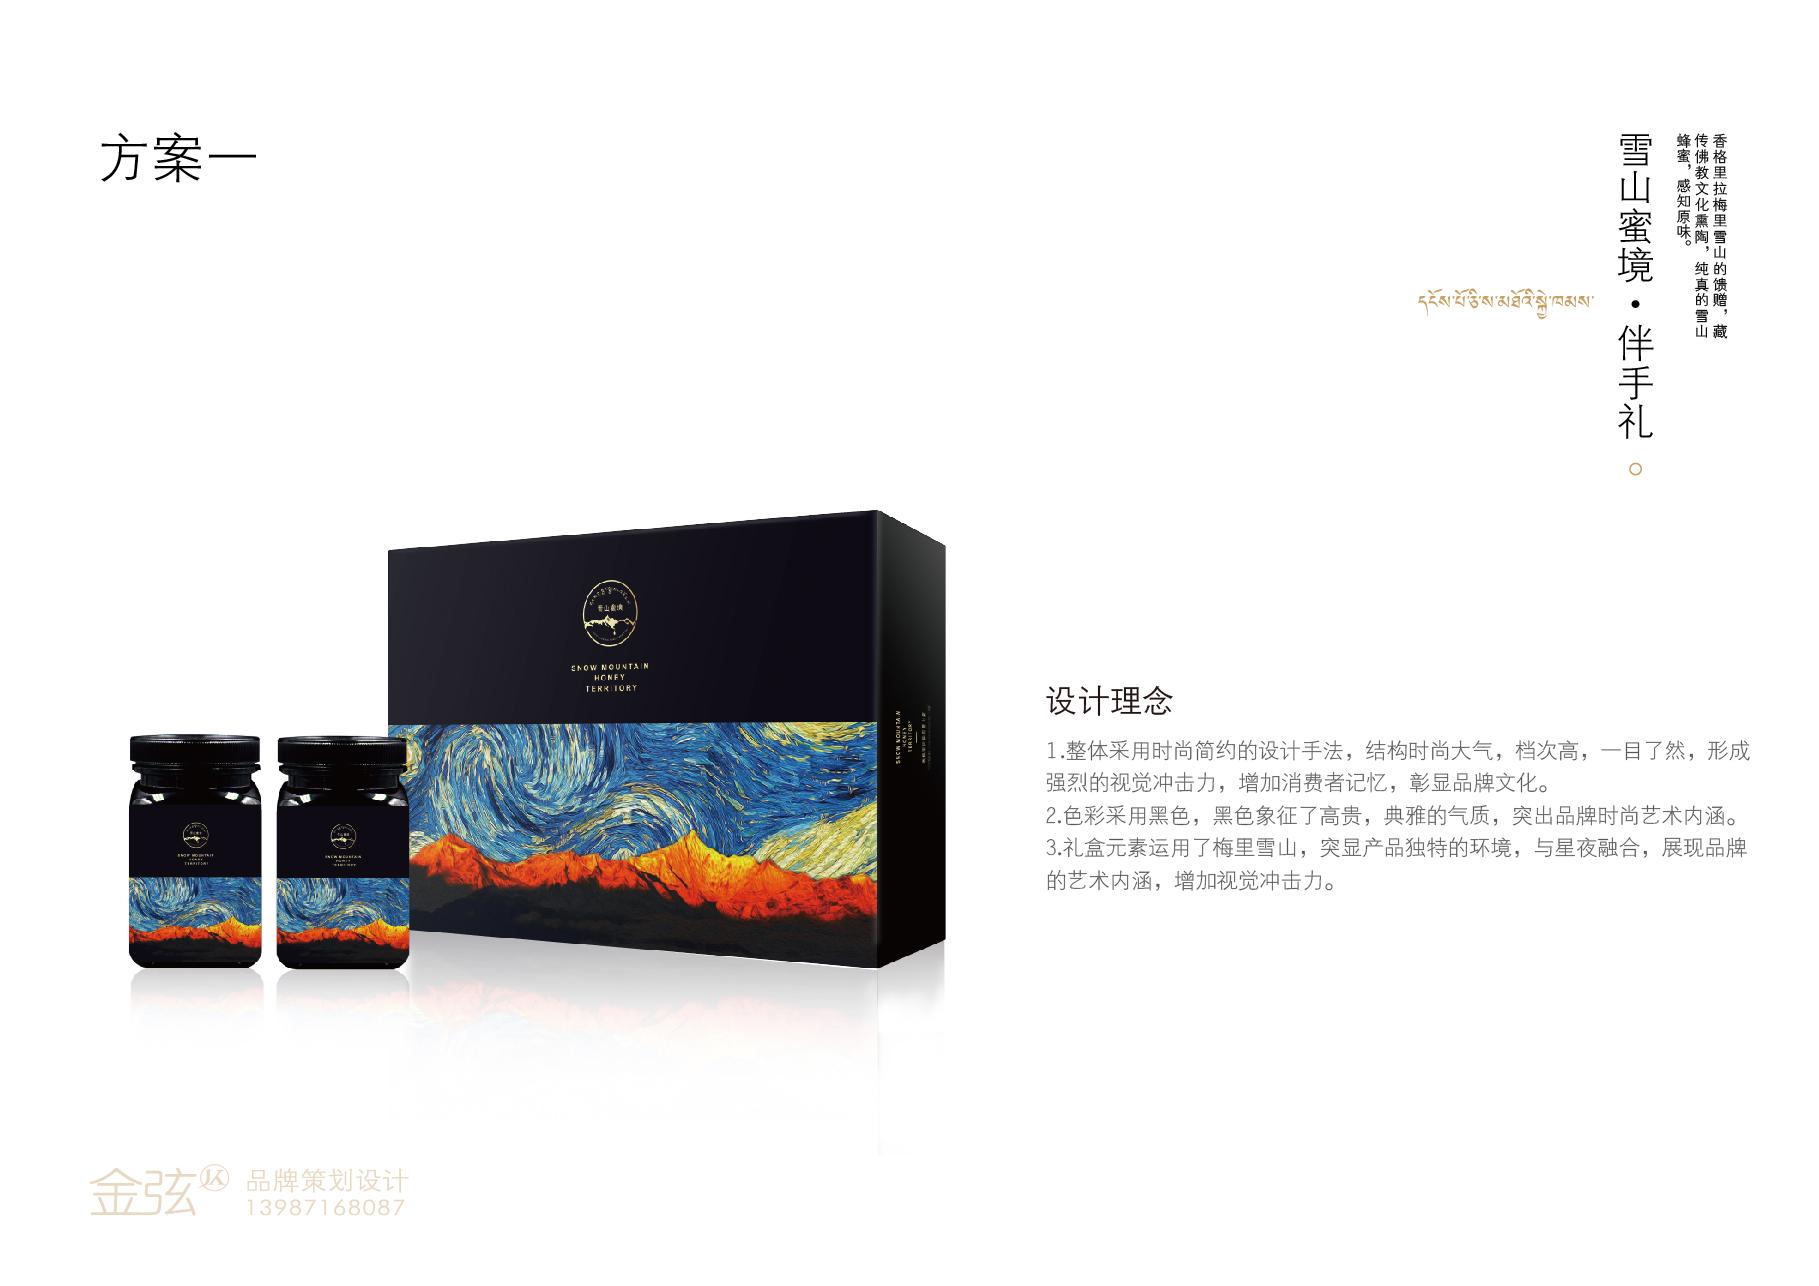 品吉 雪山蜜境伴手礼包装展示 包装设计 客户资料  第1张